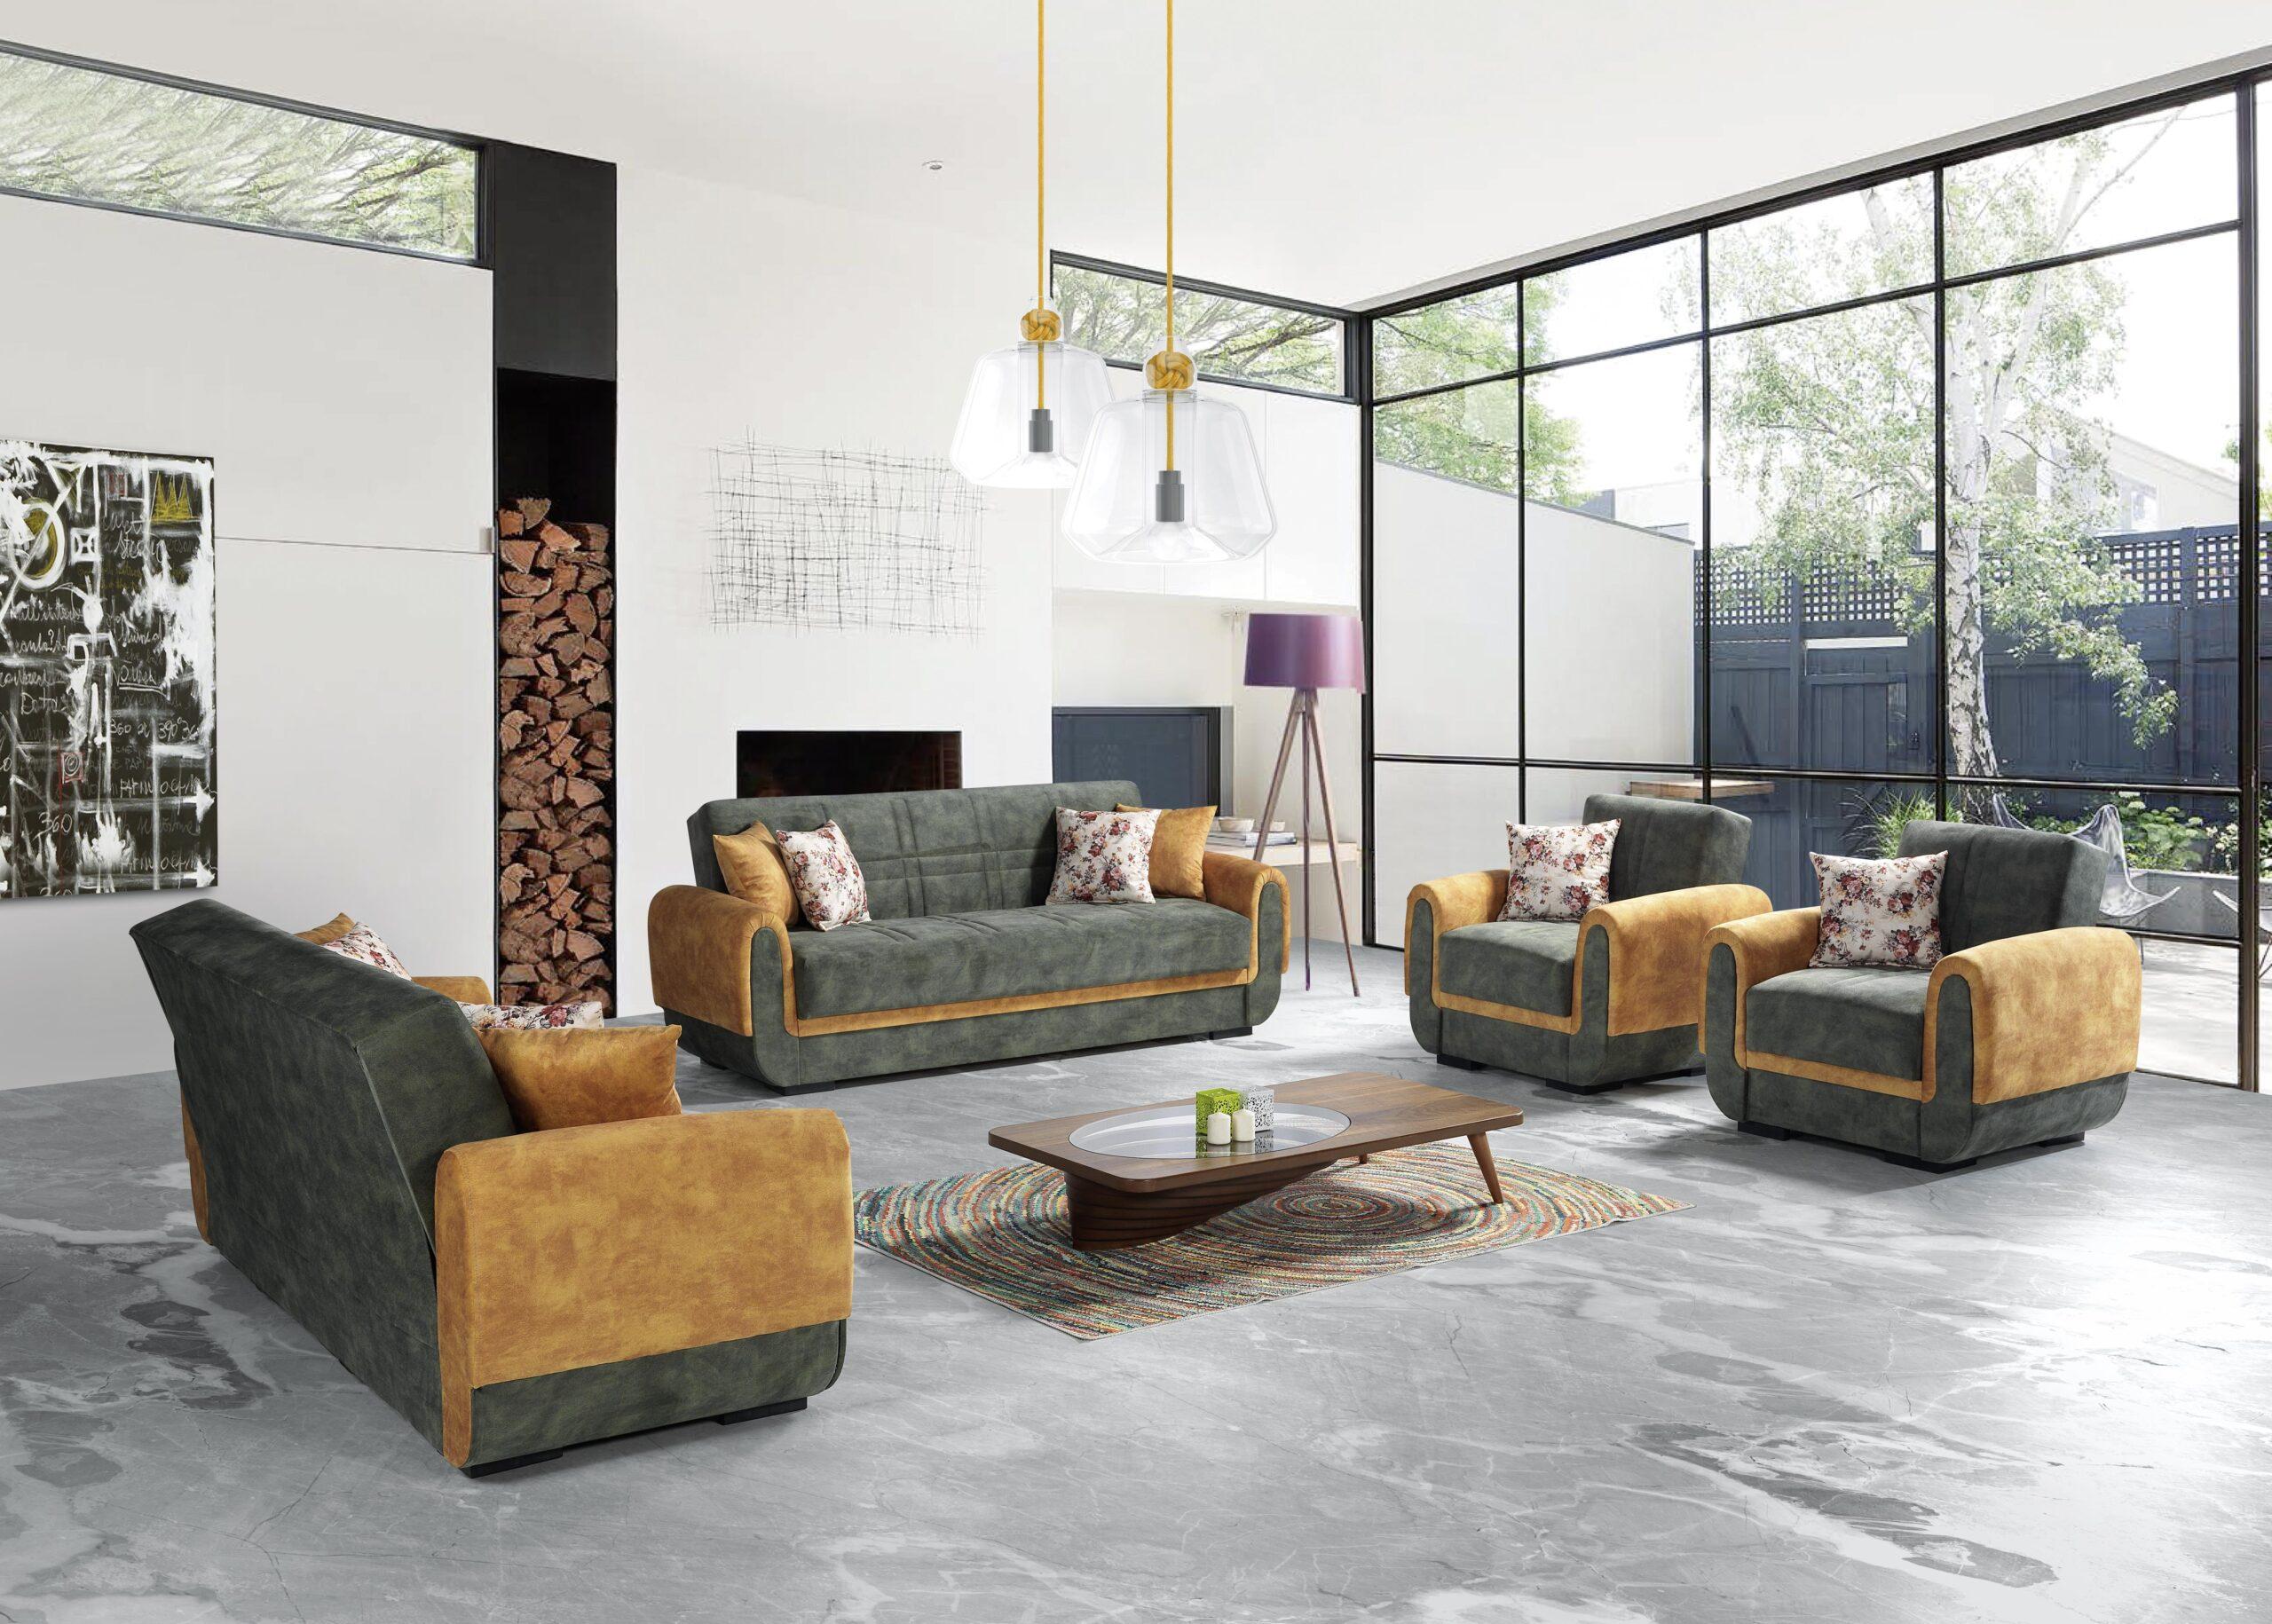 Full Size of Sofa Garnitur 3 Teilig Gnstige Couch Esszimmer Schlafsofa Liegefläche 160x200 Bora Polsterreiniger Muuto Dauerschläfer Grau Leder Weiß Inhofer Himolla 2 1 Sofa Sofa Garnitur 3 Teilig